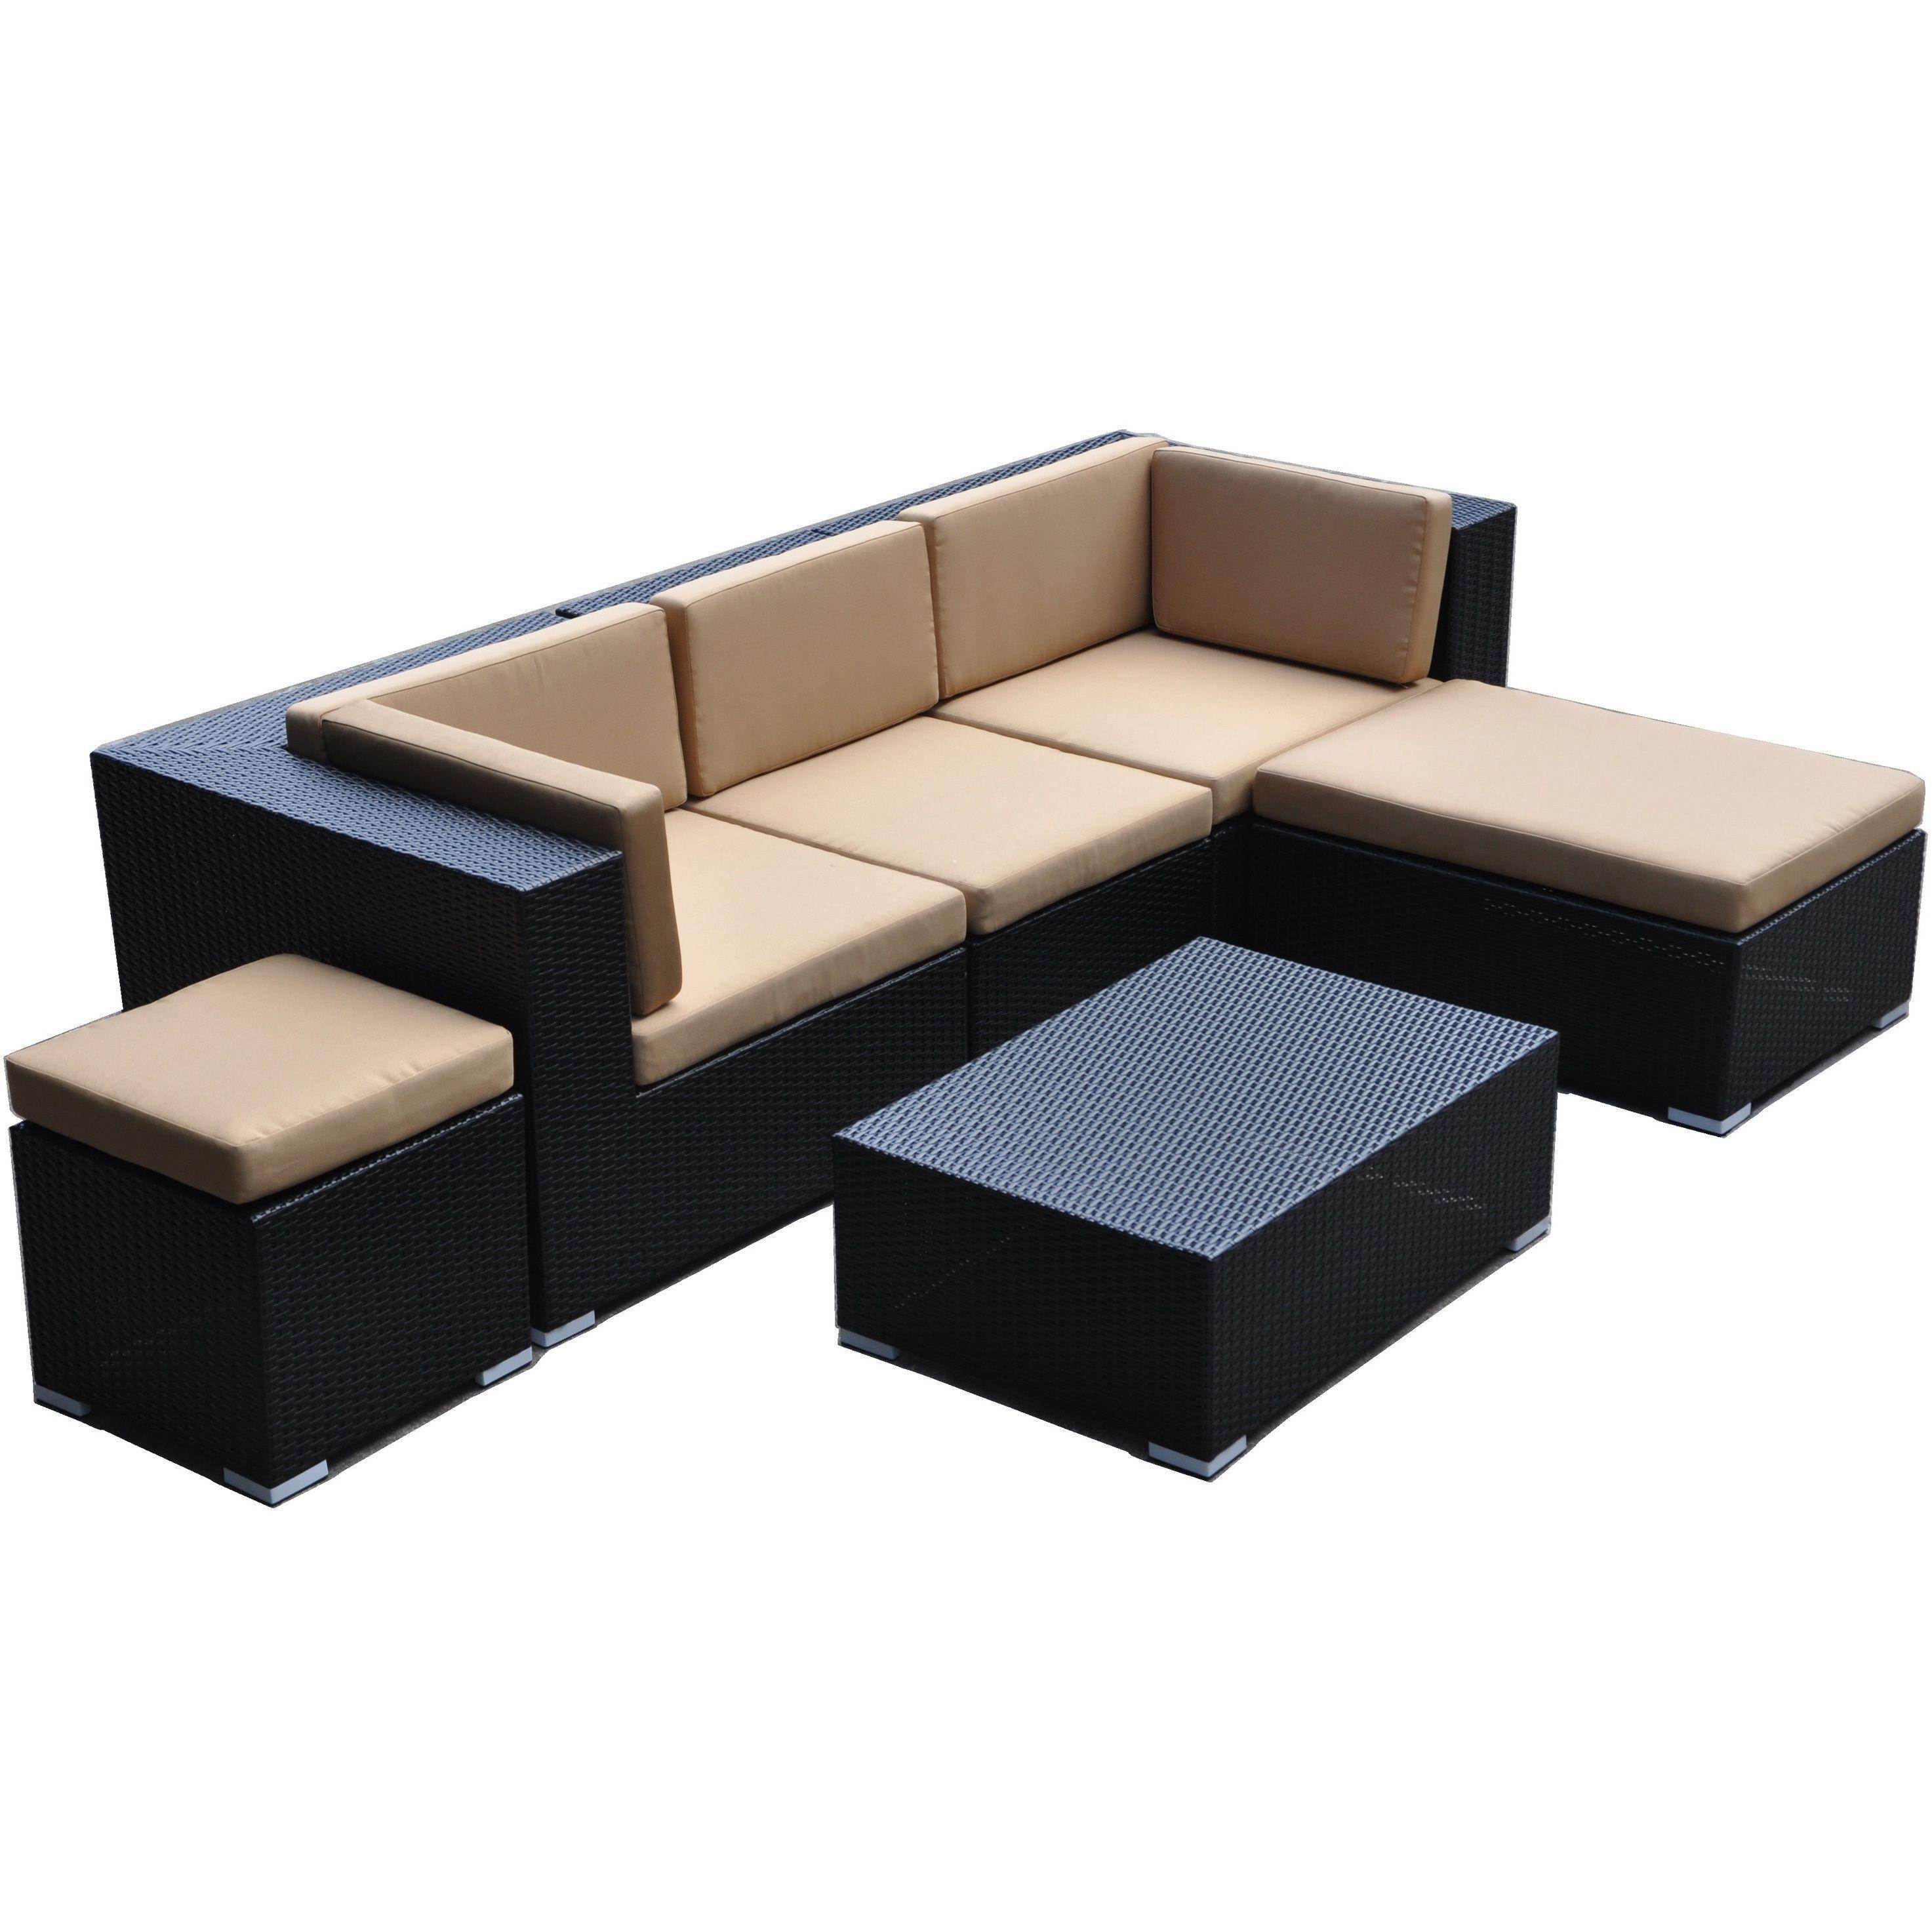 Astounding Dahlia 6 Piece Patio Sofa Set Overstock Shopping Big Creativecarmelina Interior Chair Design Creativecarmelinacom